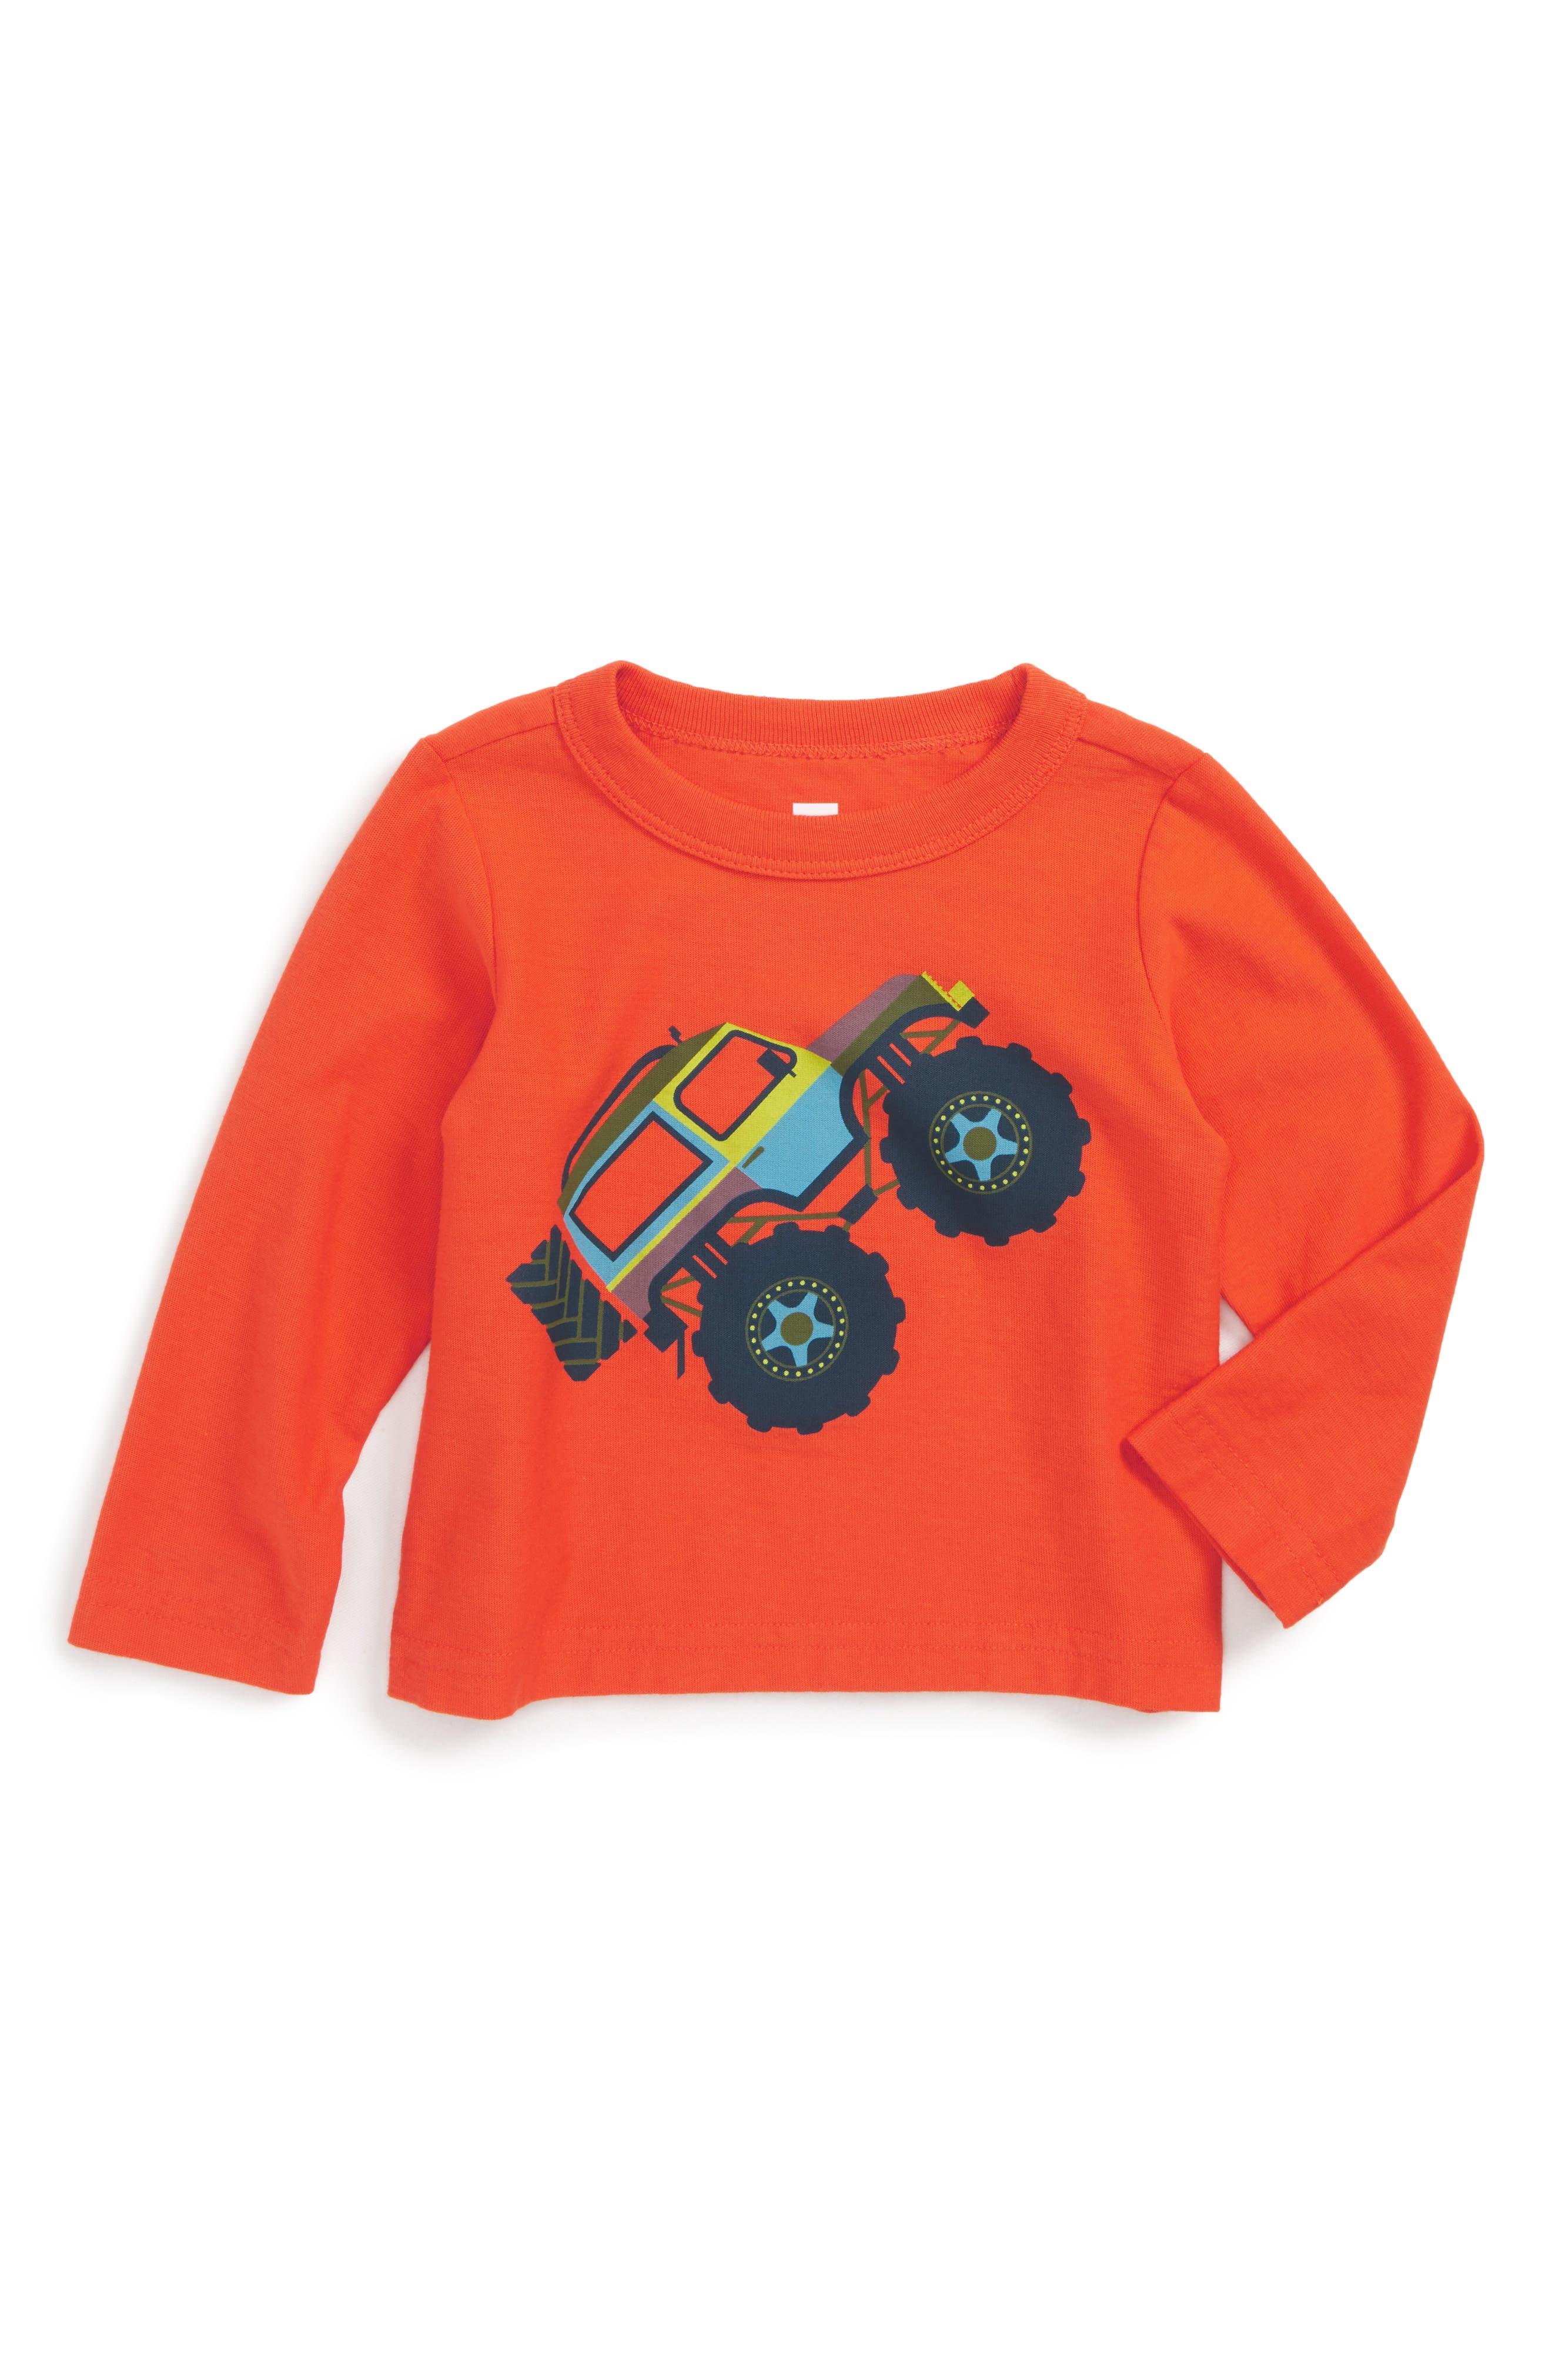 Ward Hill Graphic T-Shirt,                             Main thumbnail 1, color,                             604